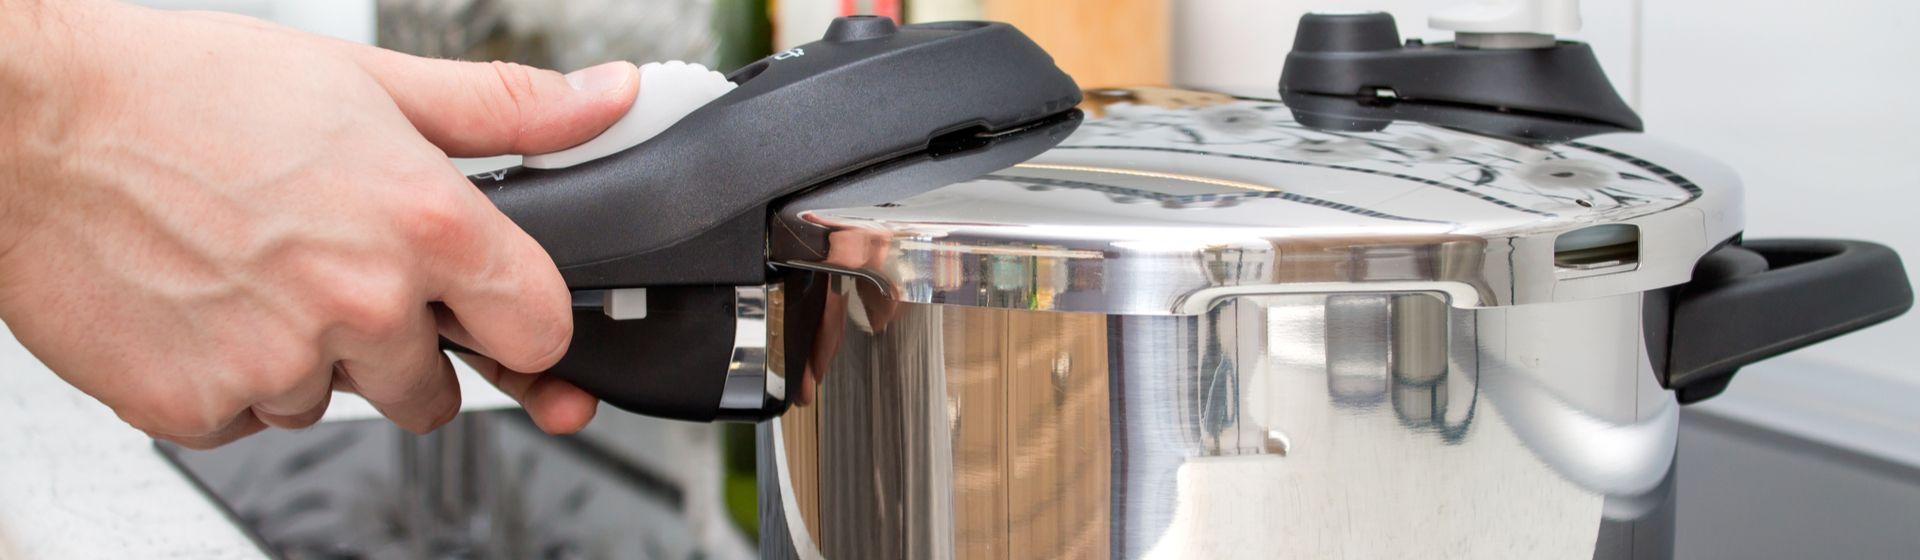 Como usar panela de pressão?